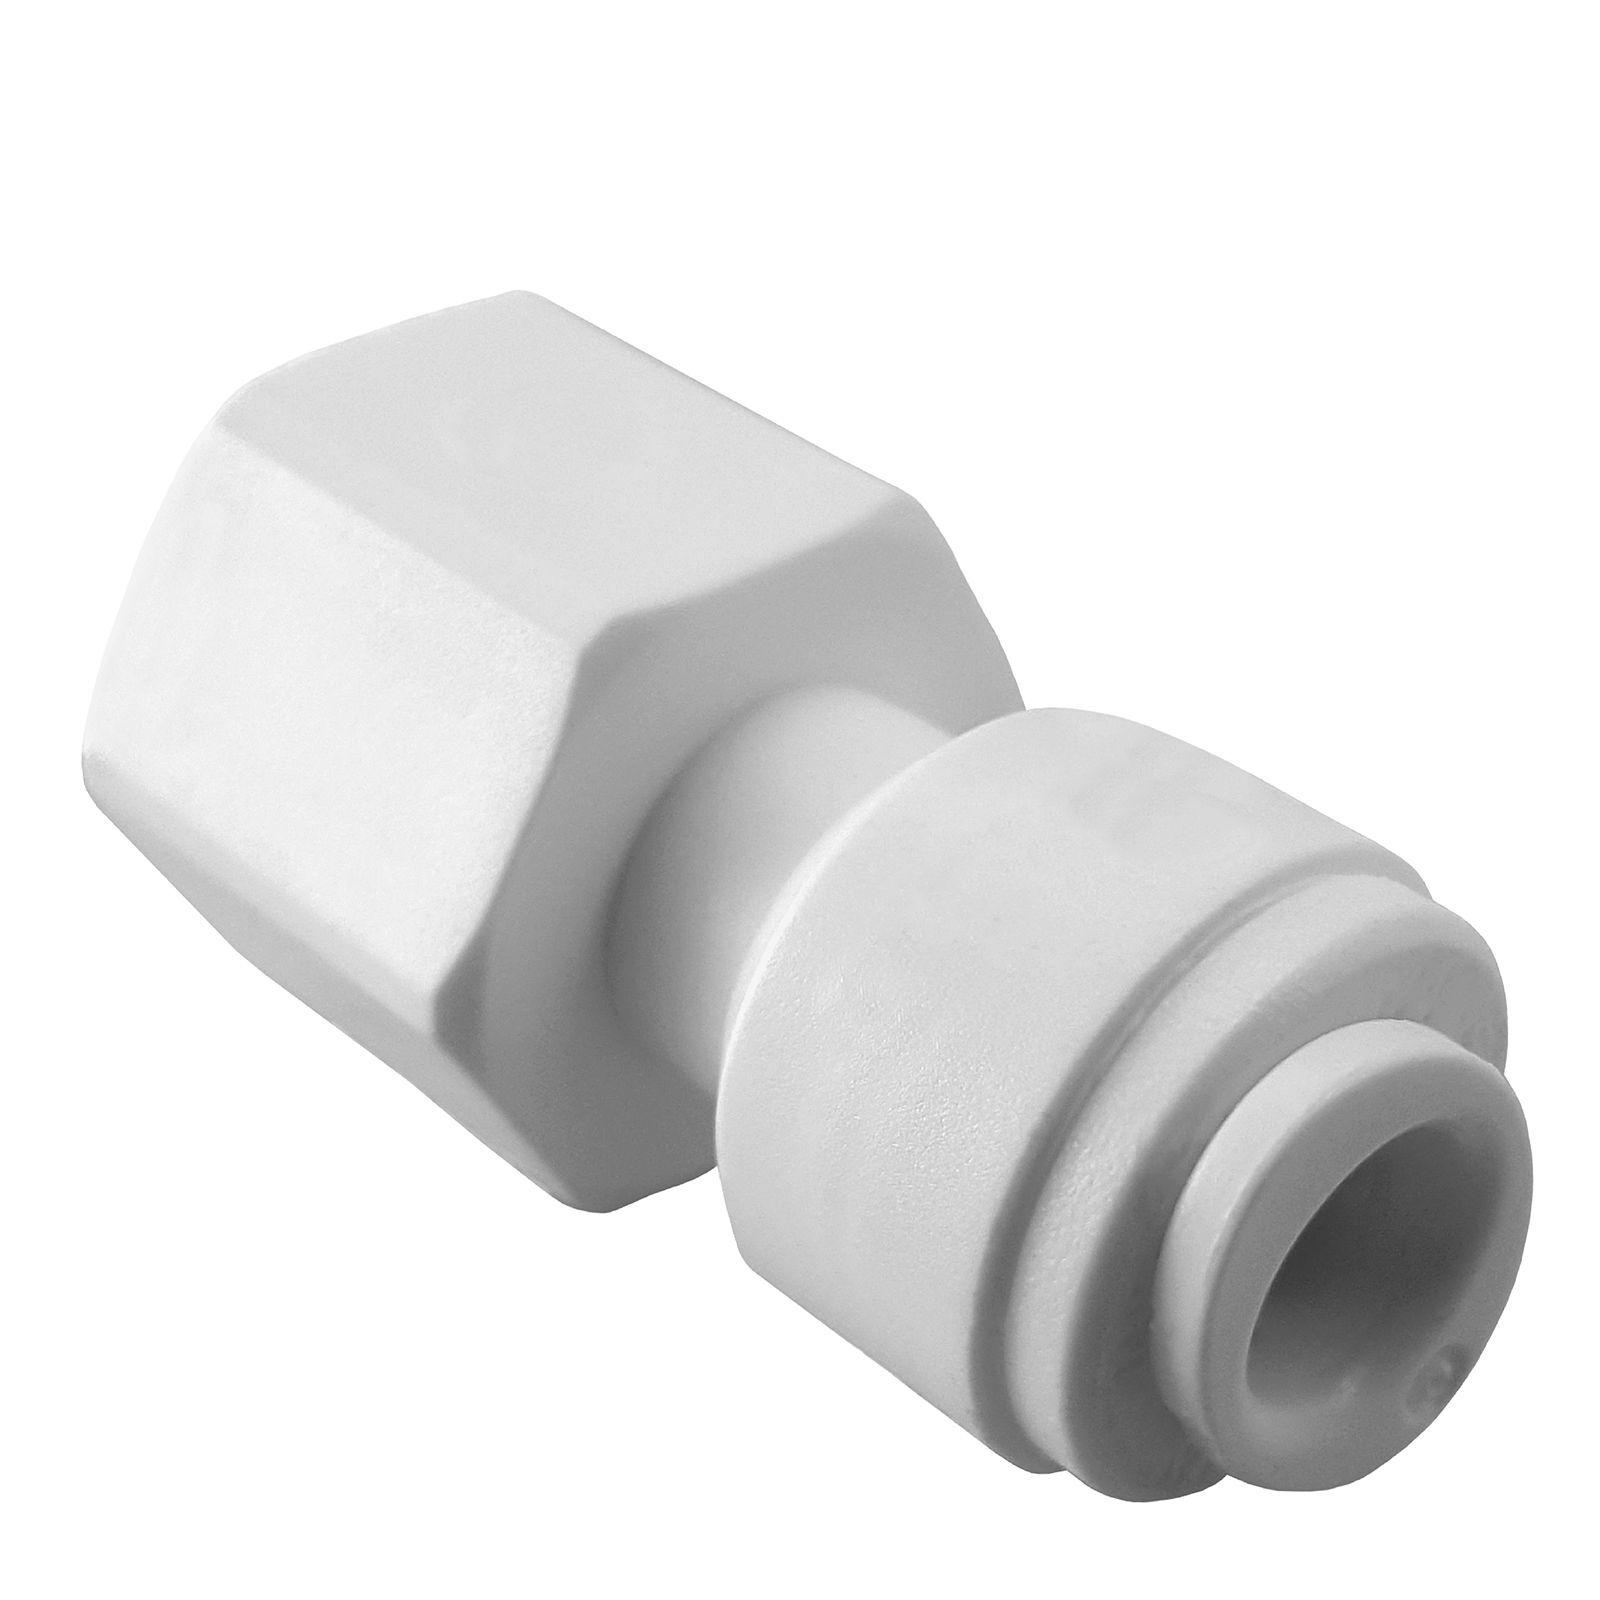 Robinet adaptateur 1 4  X 7 16  raccords pour filtres à eau RO Systems